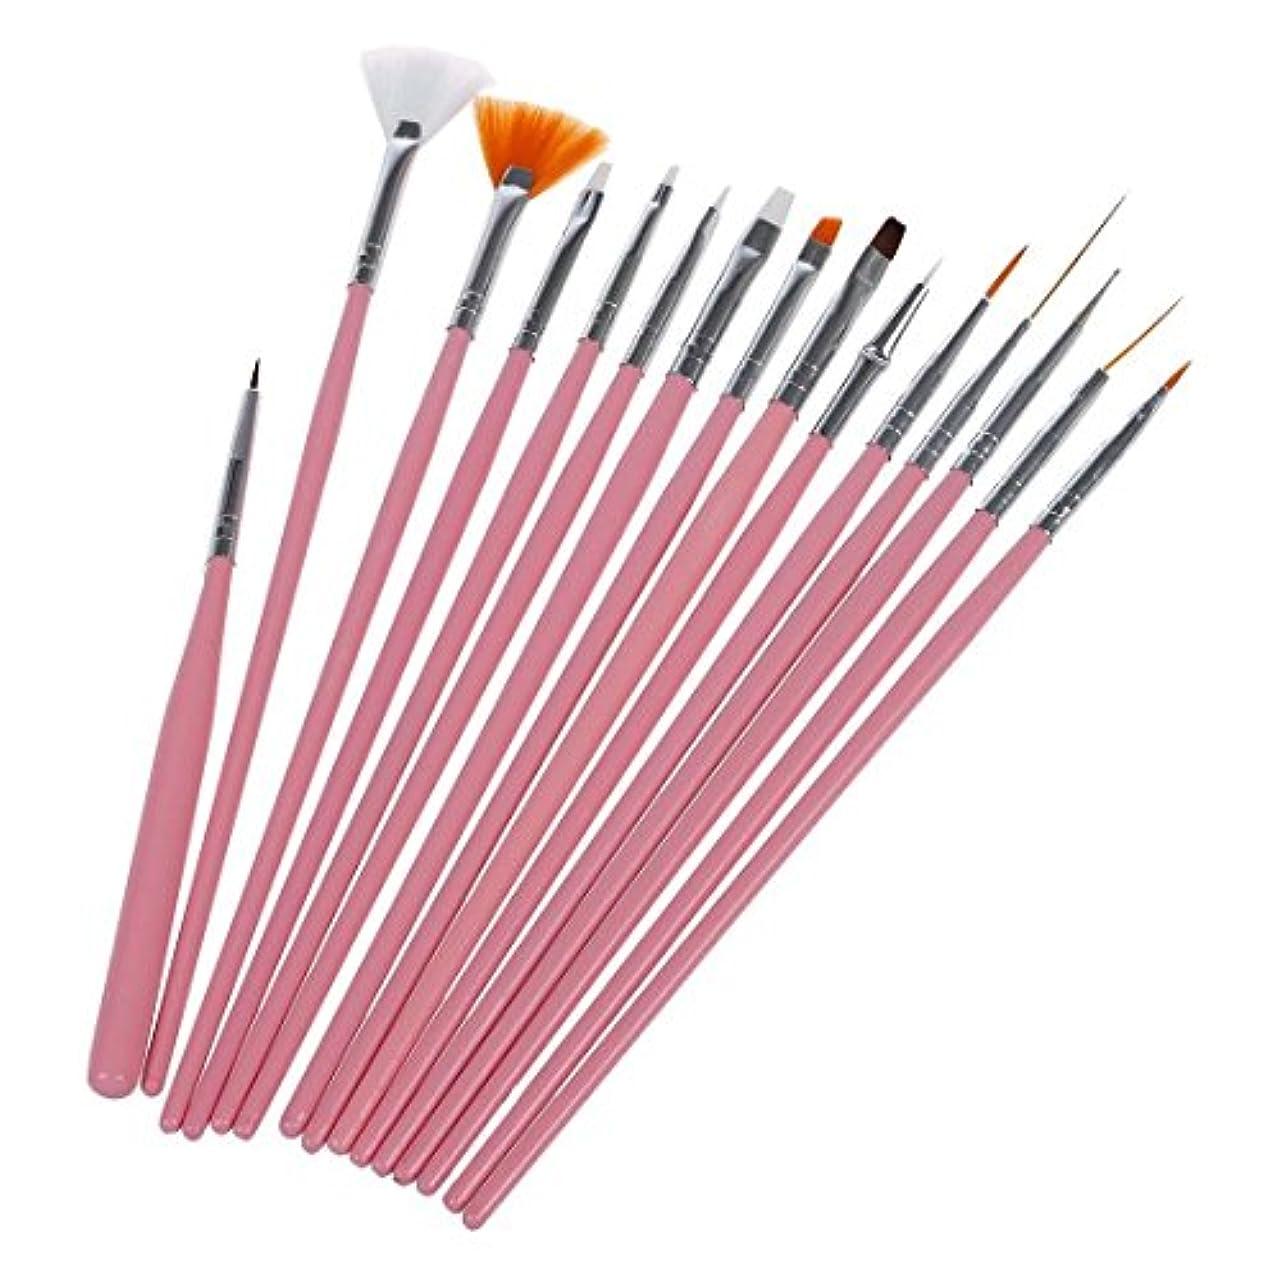 エジプト人ソロ重さSODIAL(R) 15Xネイルアートアクリル UVジェル 設計ブラシセット ペインティングペン チップツールキット ピンク